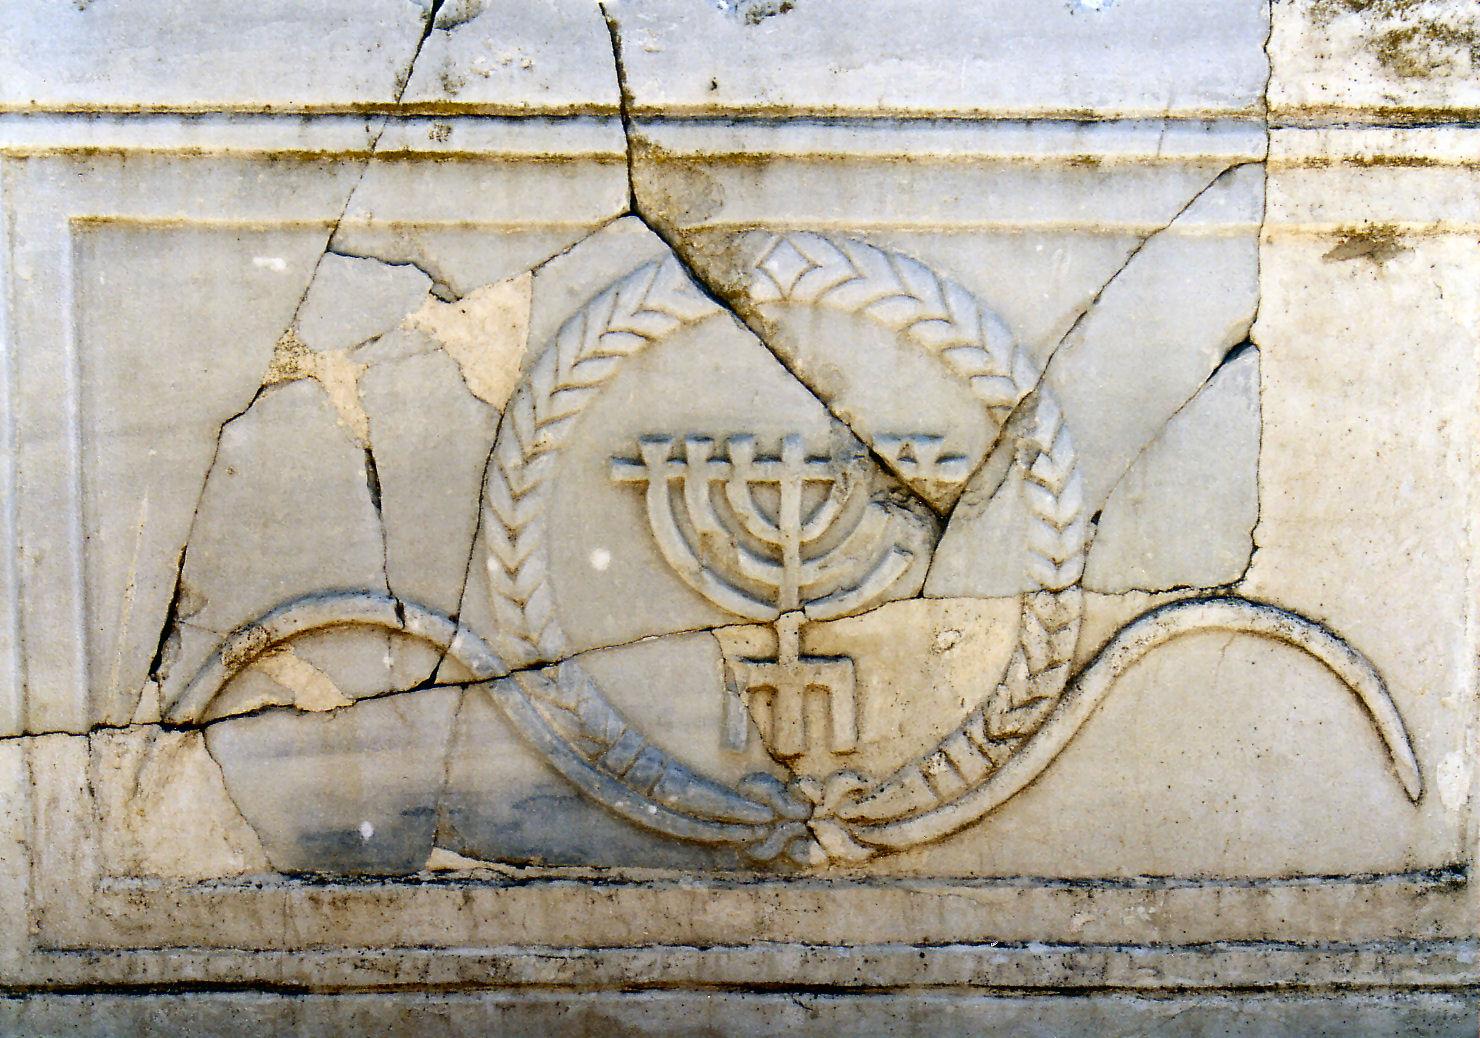 הסורג מאבן שיש, עם תבליט מנורת שבעת הקנים, שנמצא בבית הכנסת ביישוב העתיק רחוב, מוצב כיום בסמוך לרפליקת הפסיפס (צולם ב-1975) מקור: עוזי פז, יוצר:הינדה גלסנר